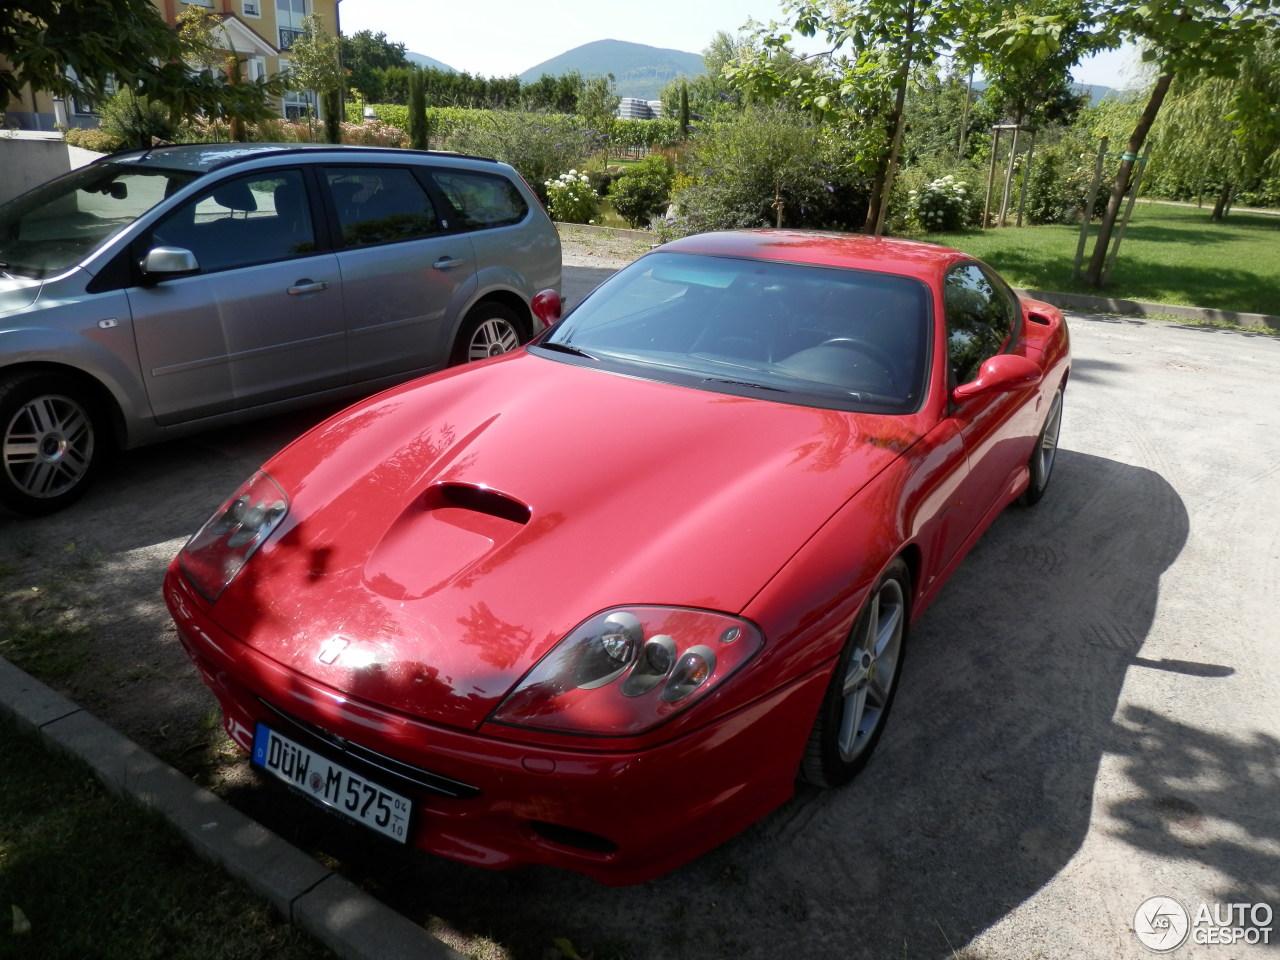 Ferrari 575 M Maranello 2